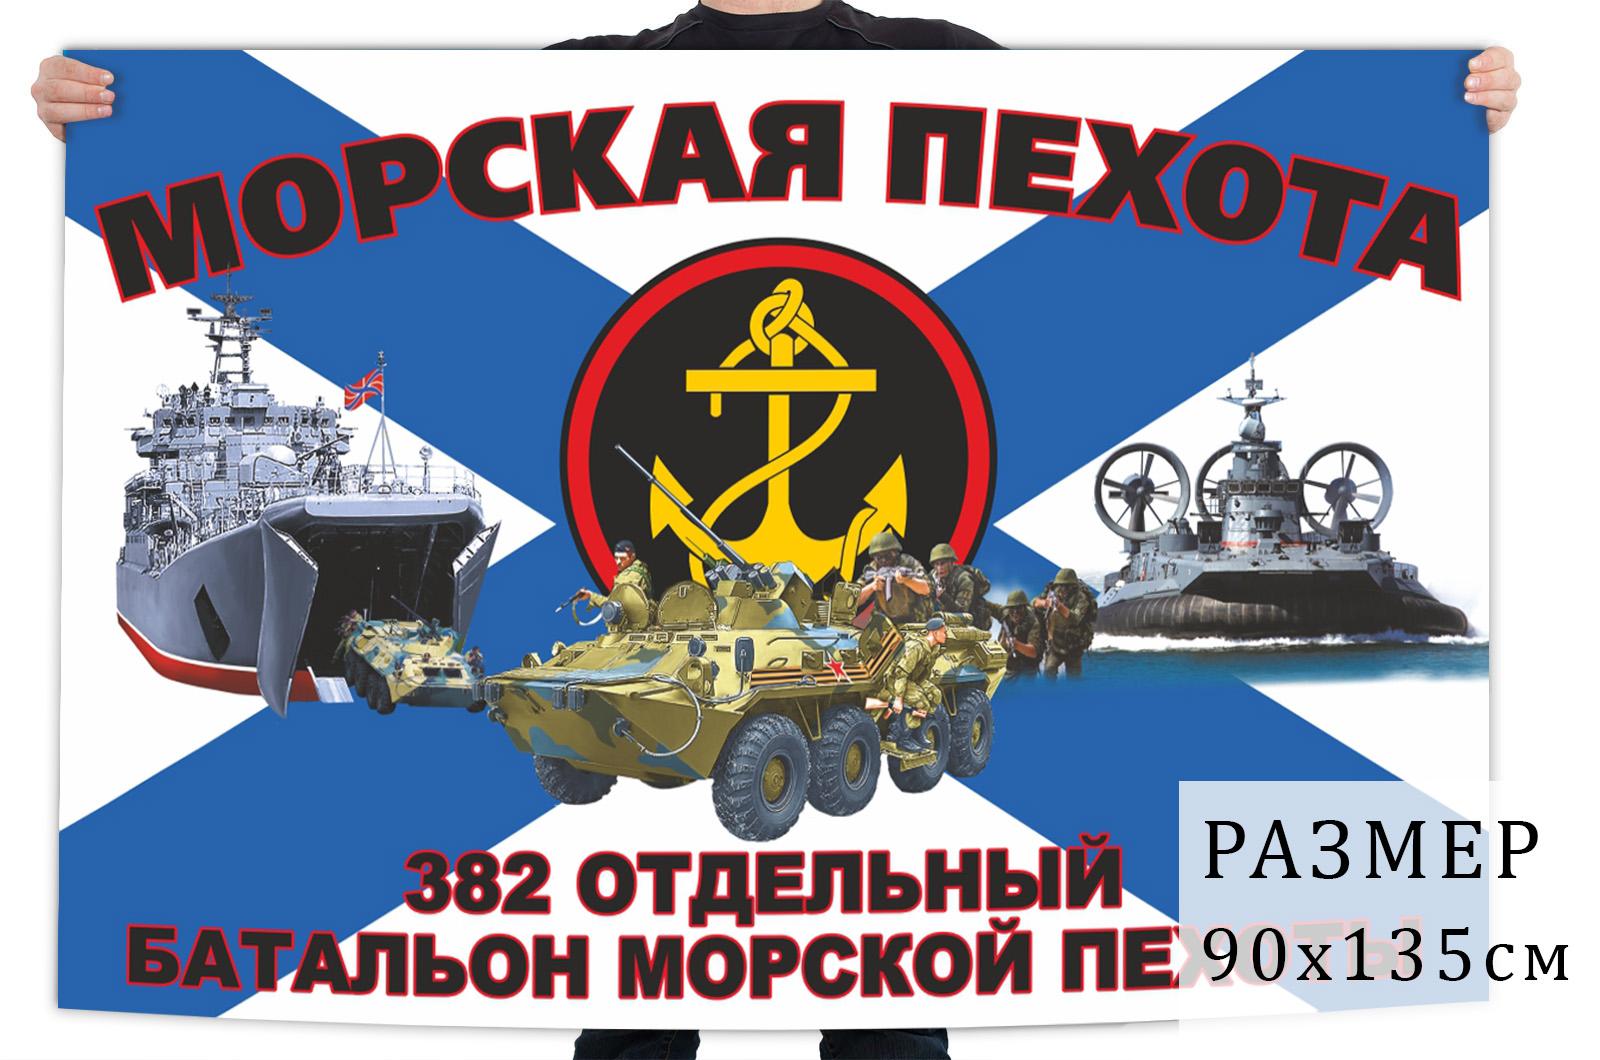 Флаг 382 отдельного батальона морпехов